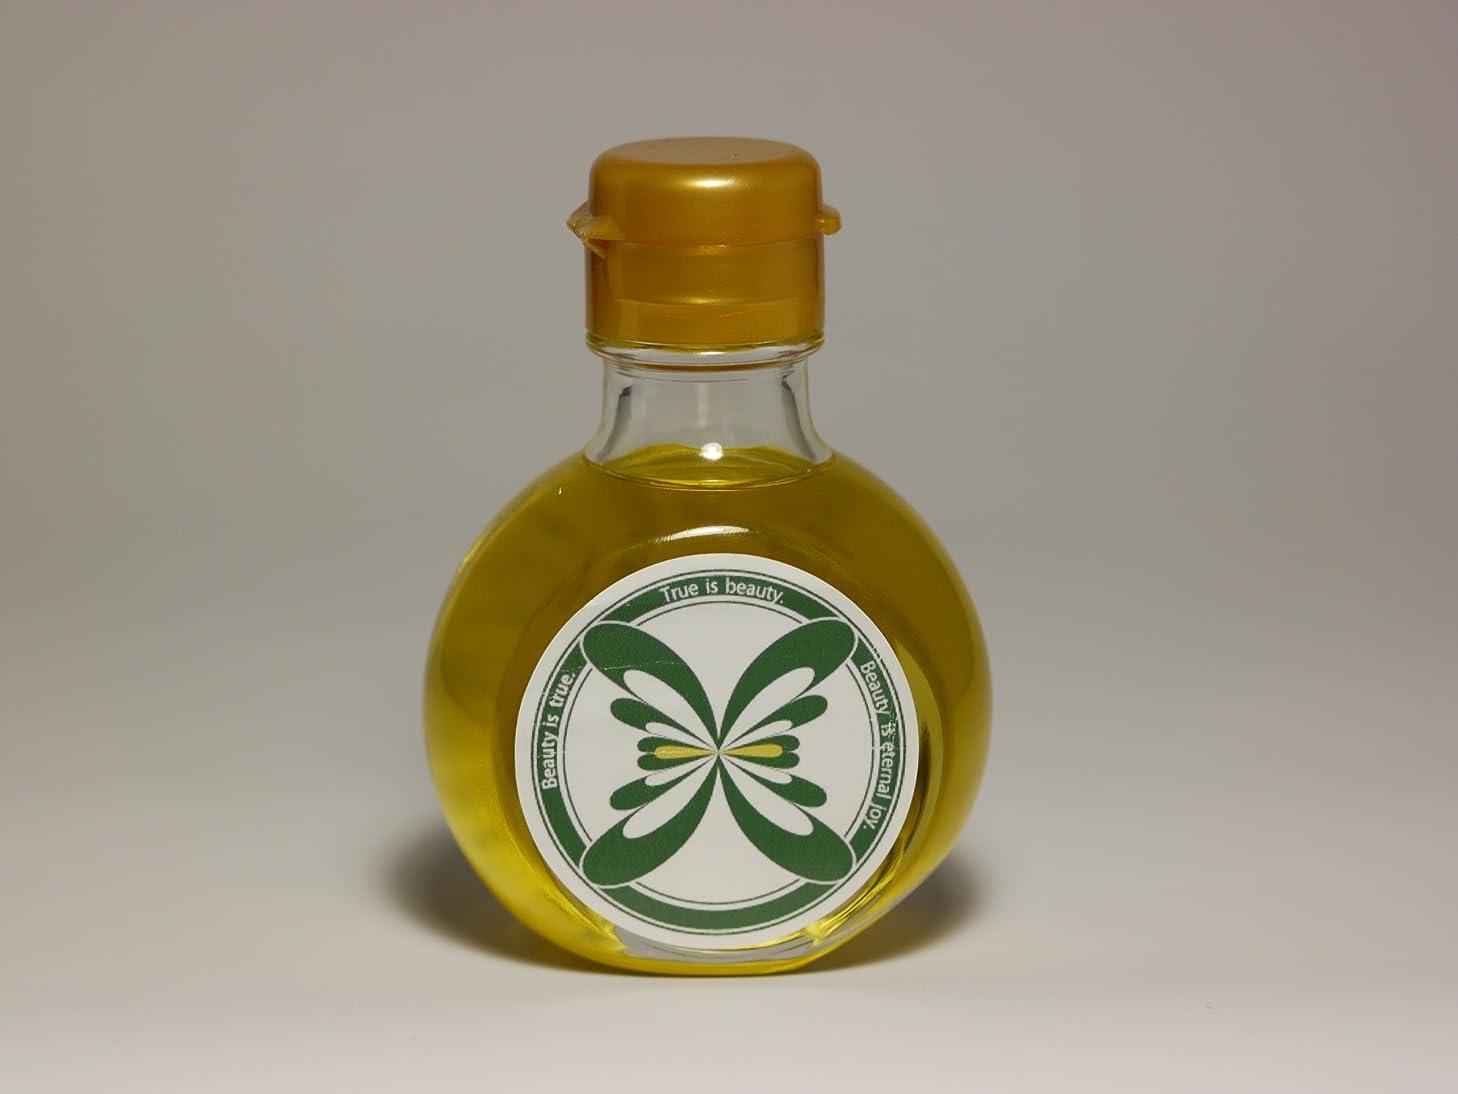 ひまわり虚弱物質モリンガゴールドオイル100 100ml 酸化しにくい飽和脂肪酸含有のモリンガオイル100%で、クレンジング(特にアイメイク落し)?保湿?ヘアオイルなど、色々な用途に使えます。